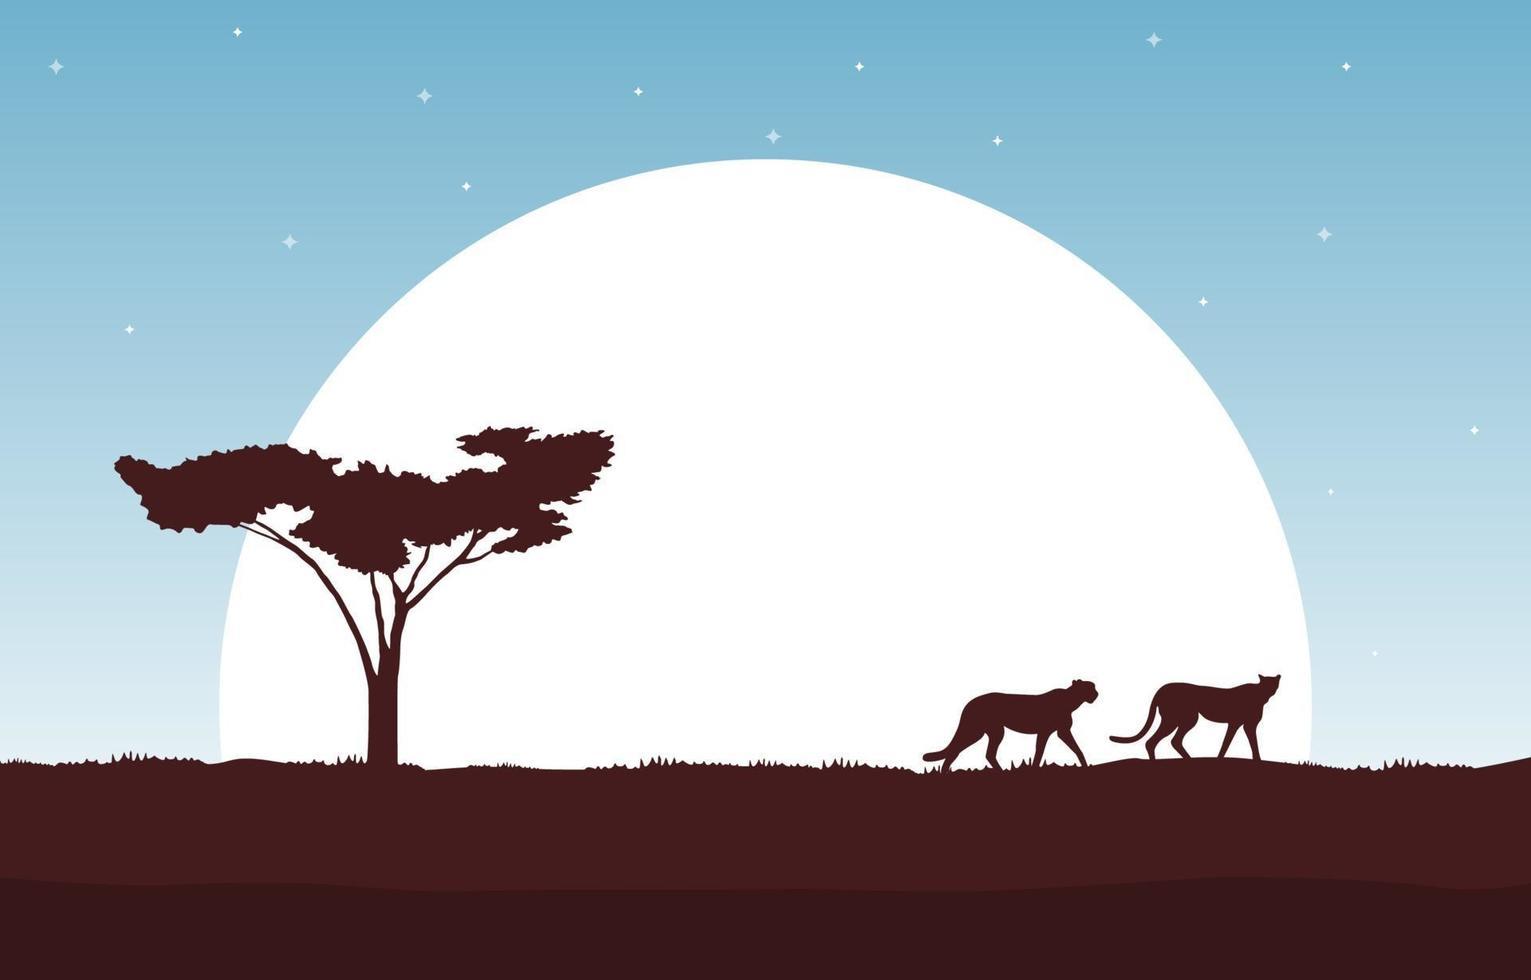 guépards dans la savane africaine avec illustration d & # 39; arbre et grand soleil vecteur